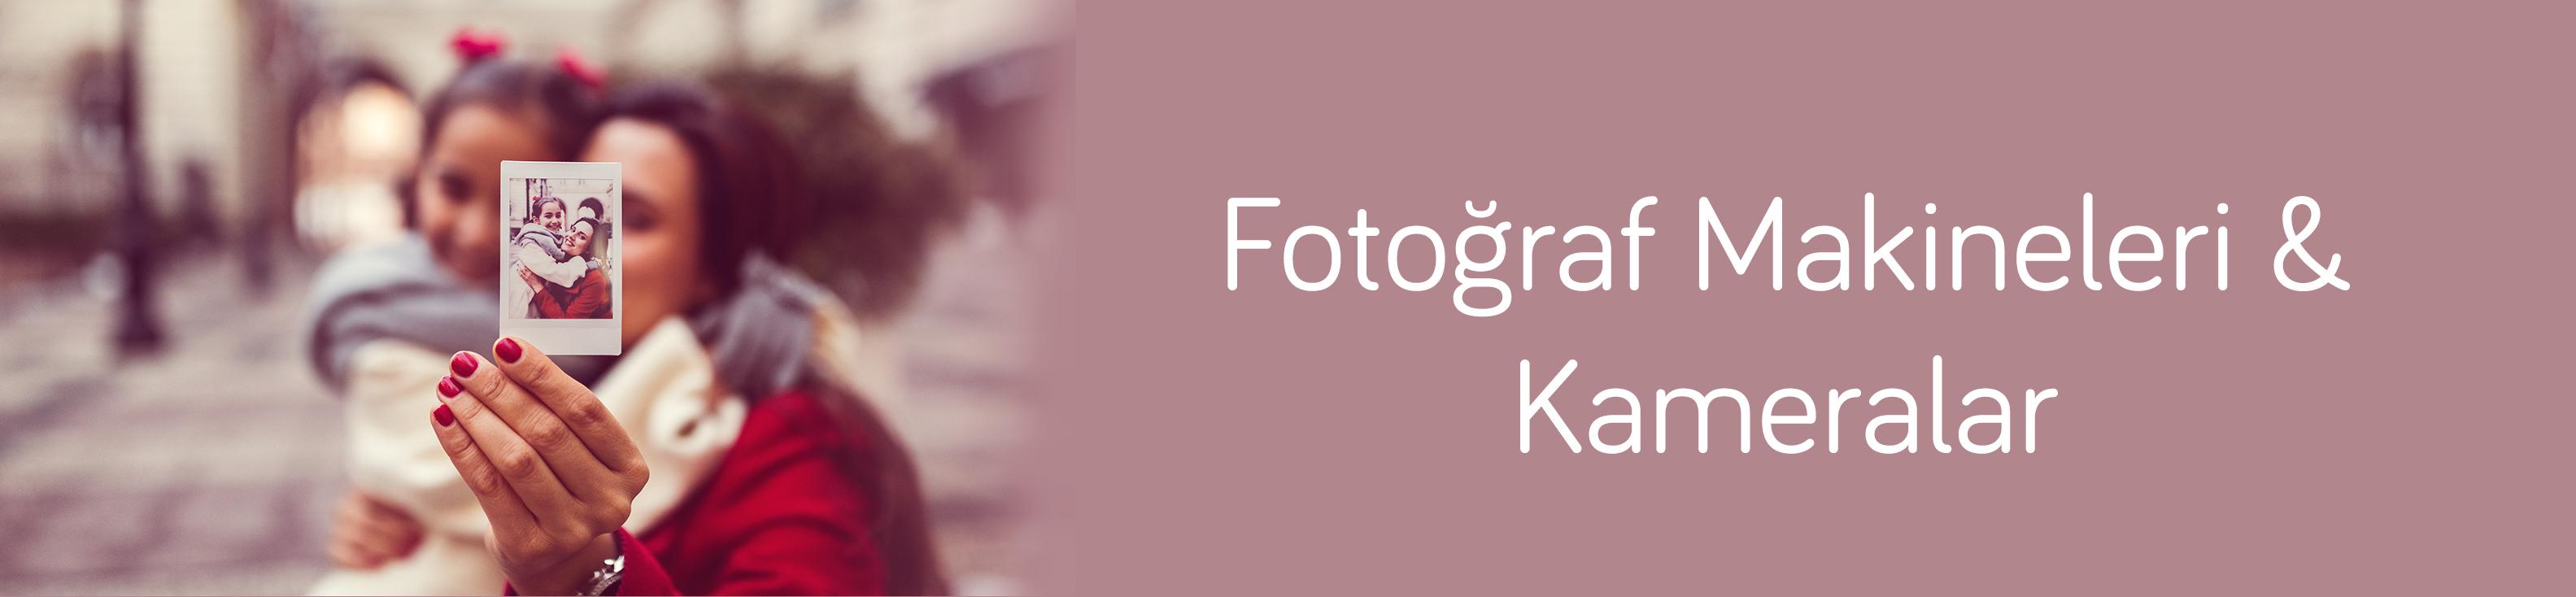 Fotoğraf Makineleri ve Kameralar